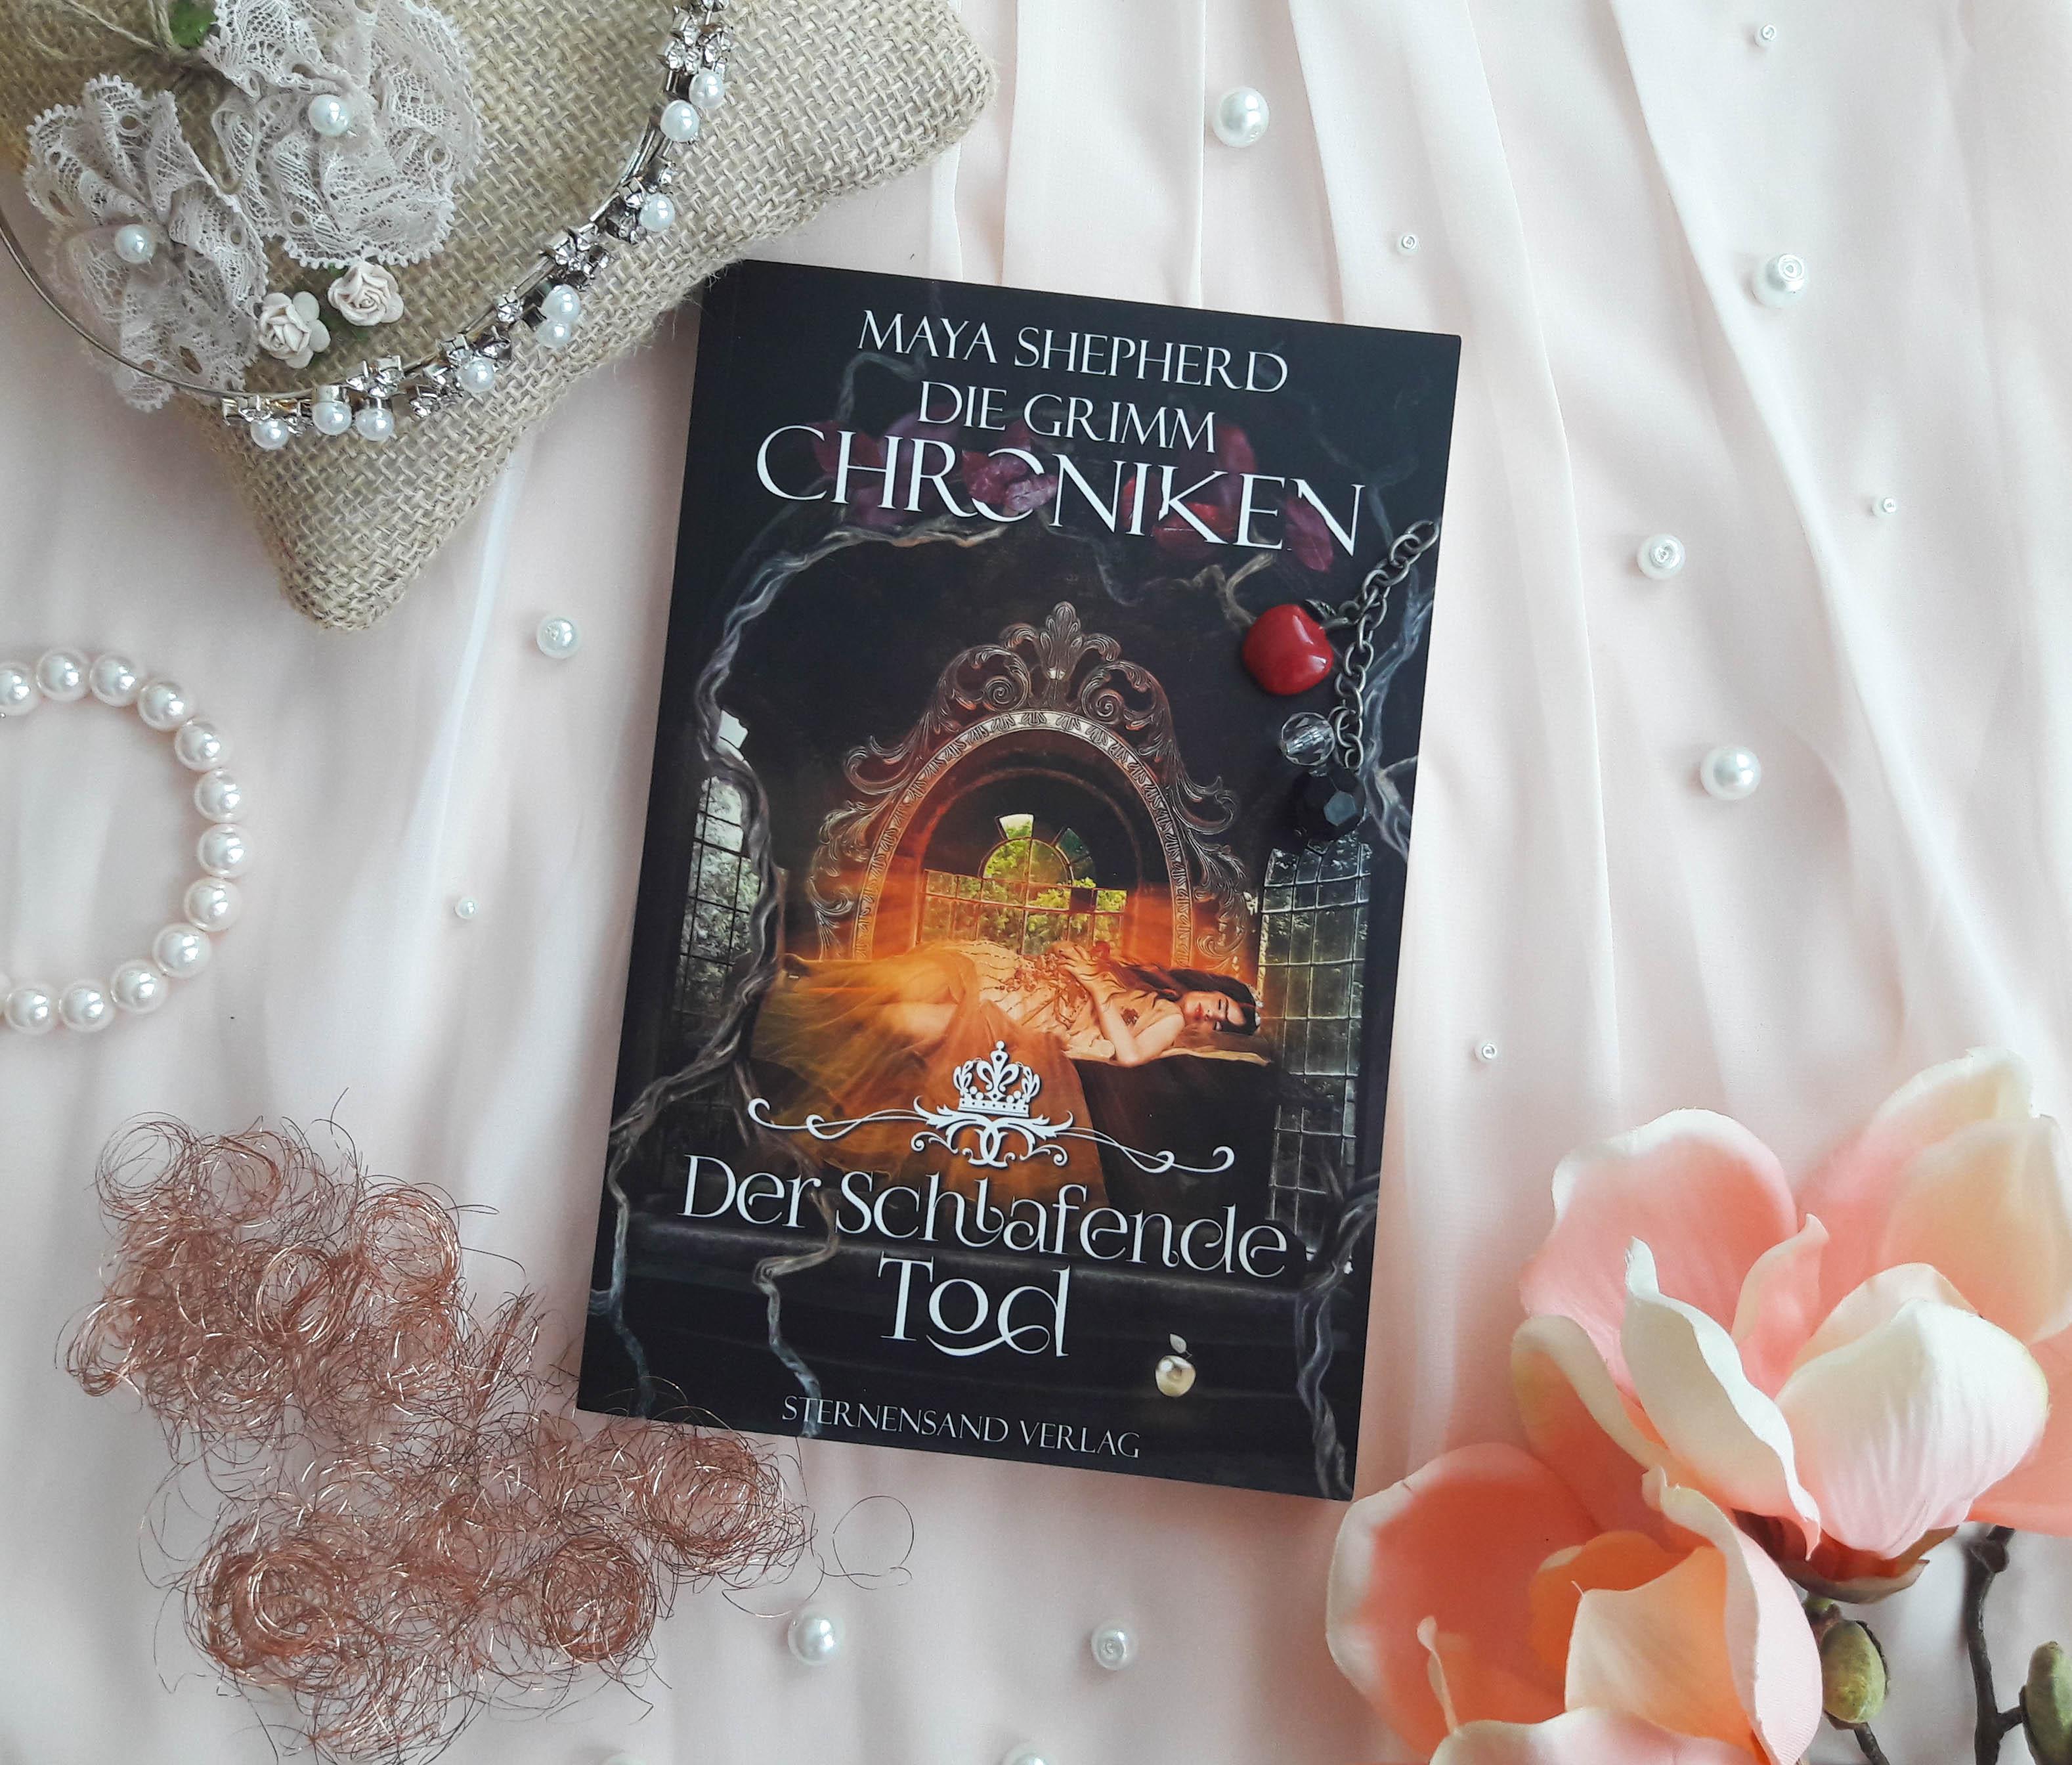 Die Grimm-Chroniken: Der Schlafende Tod – Maya Shepherd graphic